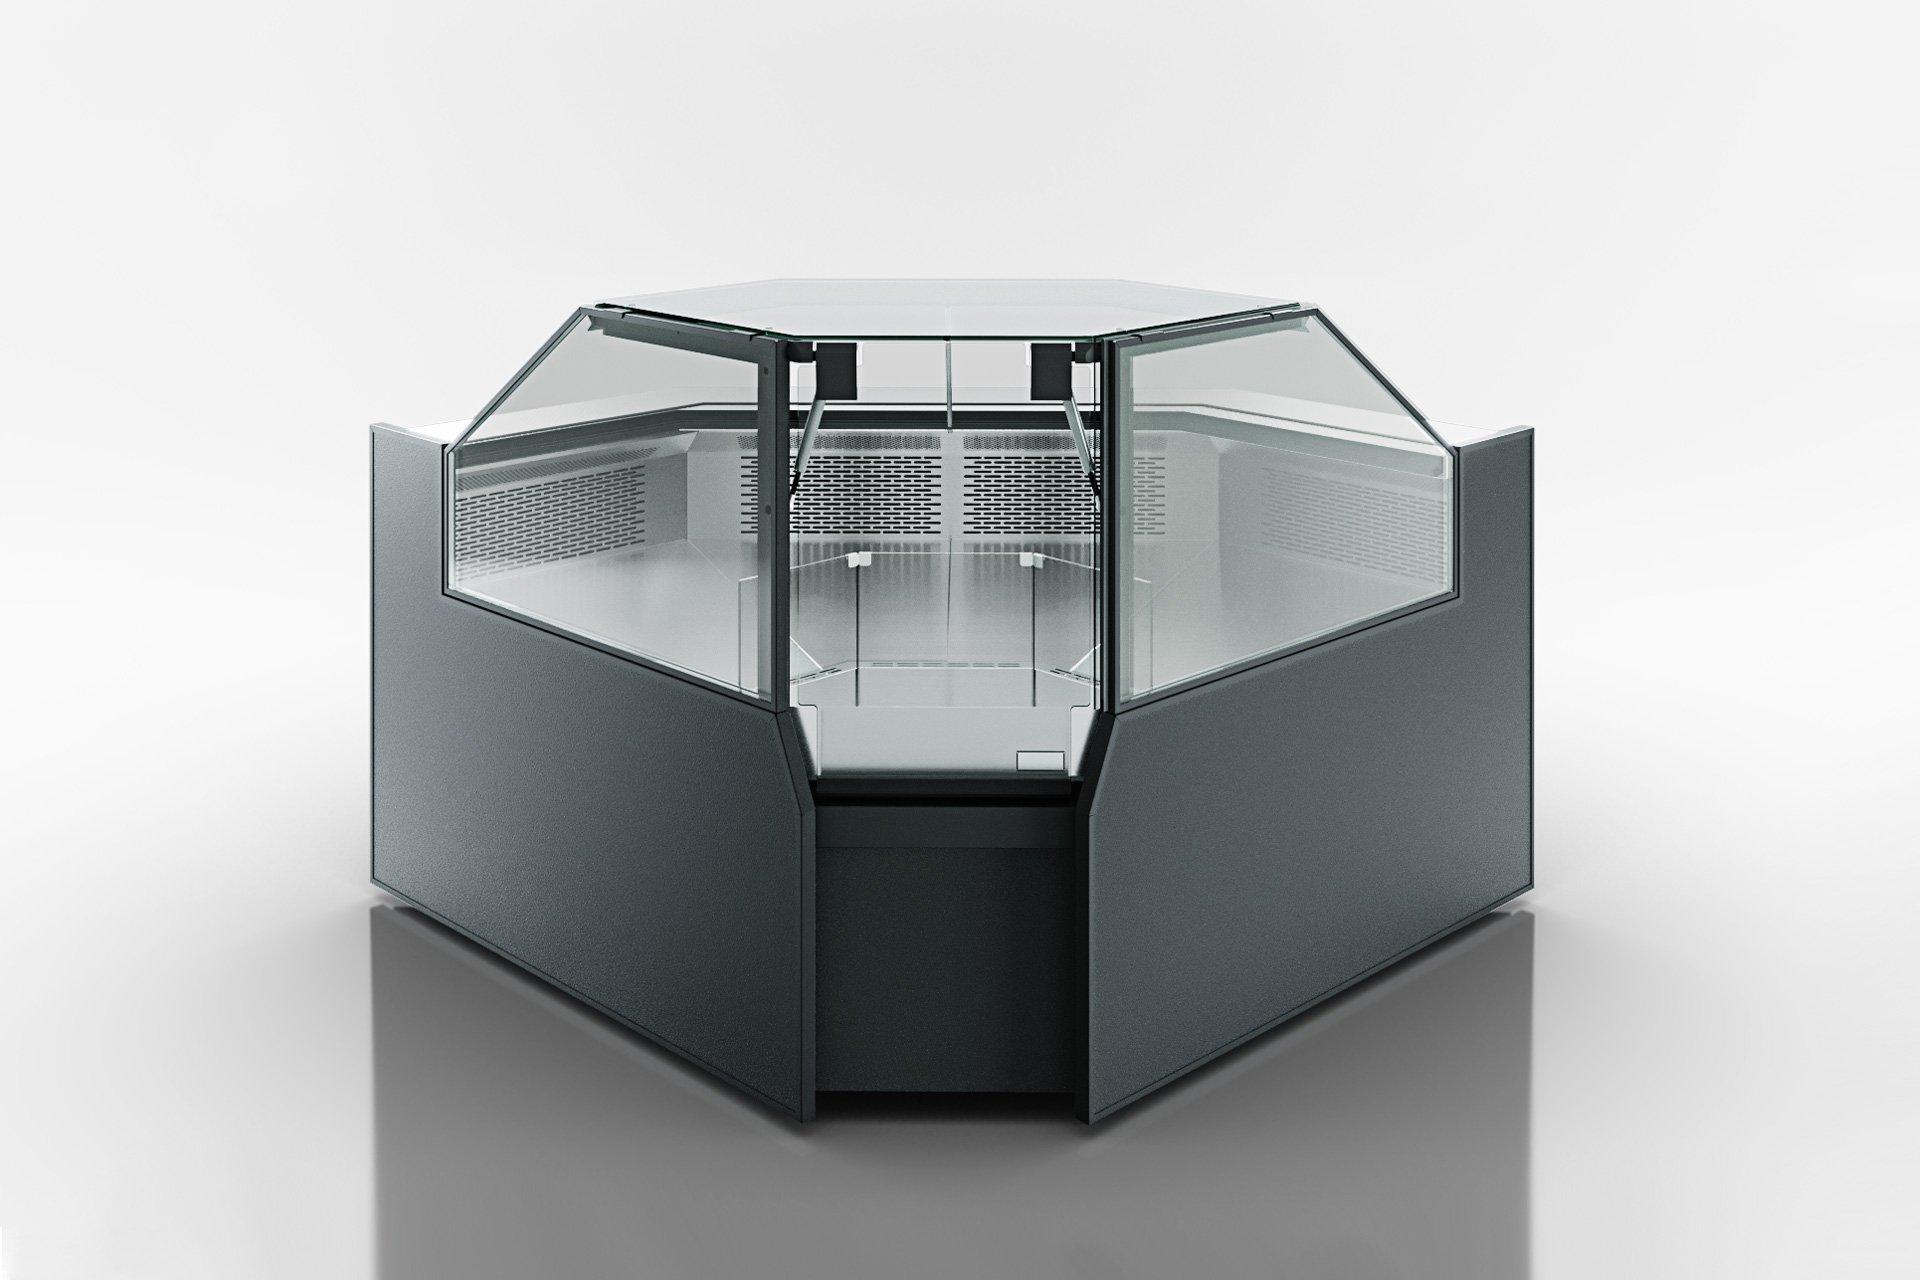 Eckelemente der Kühlfenstern Missouri MC 120 deli PS 115-DBM-IS90